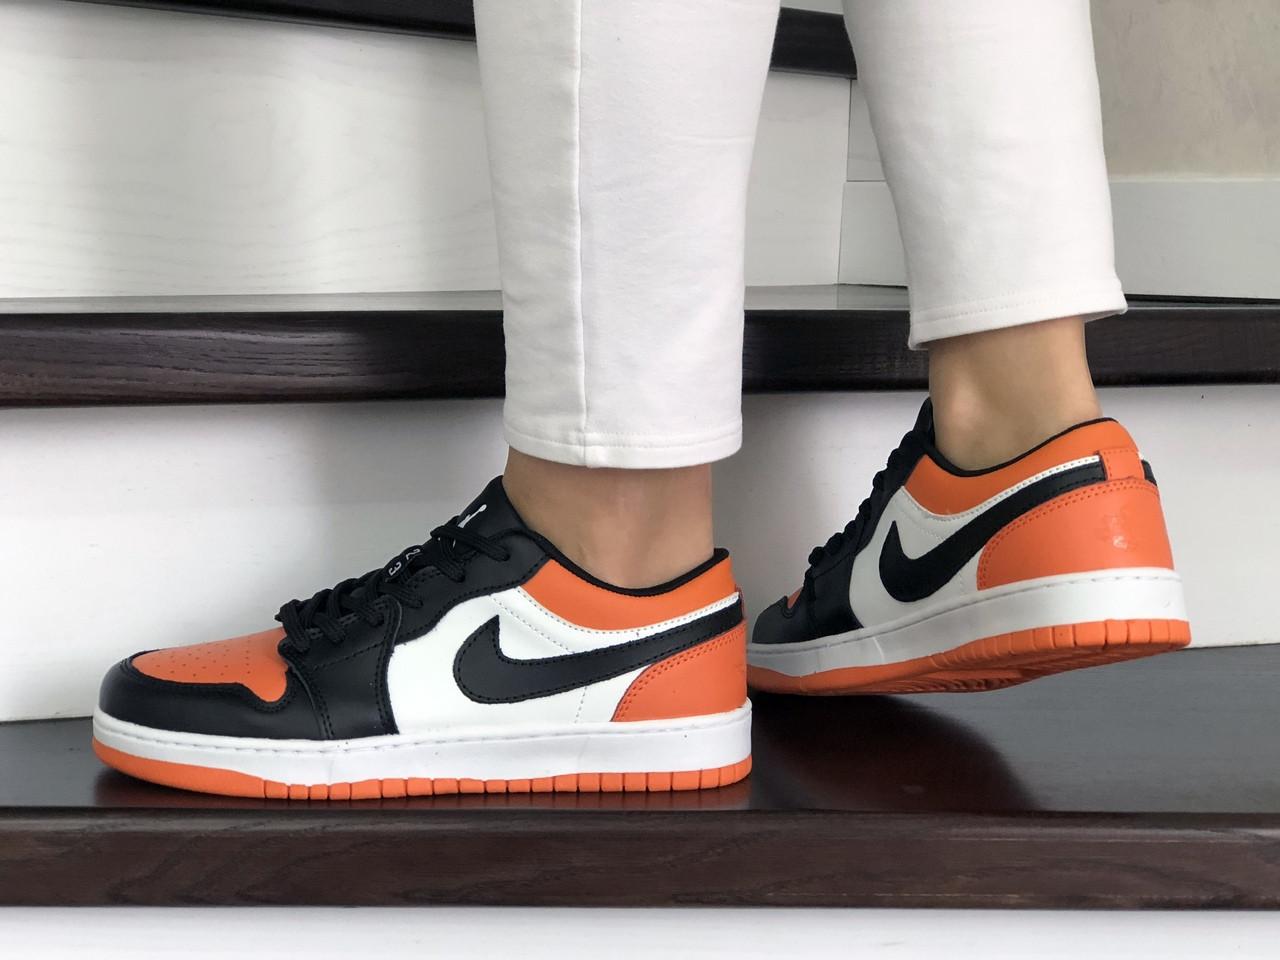 Жіночі шкіряні кросівки Nike Air Jordan 1 Low (біло-чорні з помаранчевим) 9160